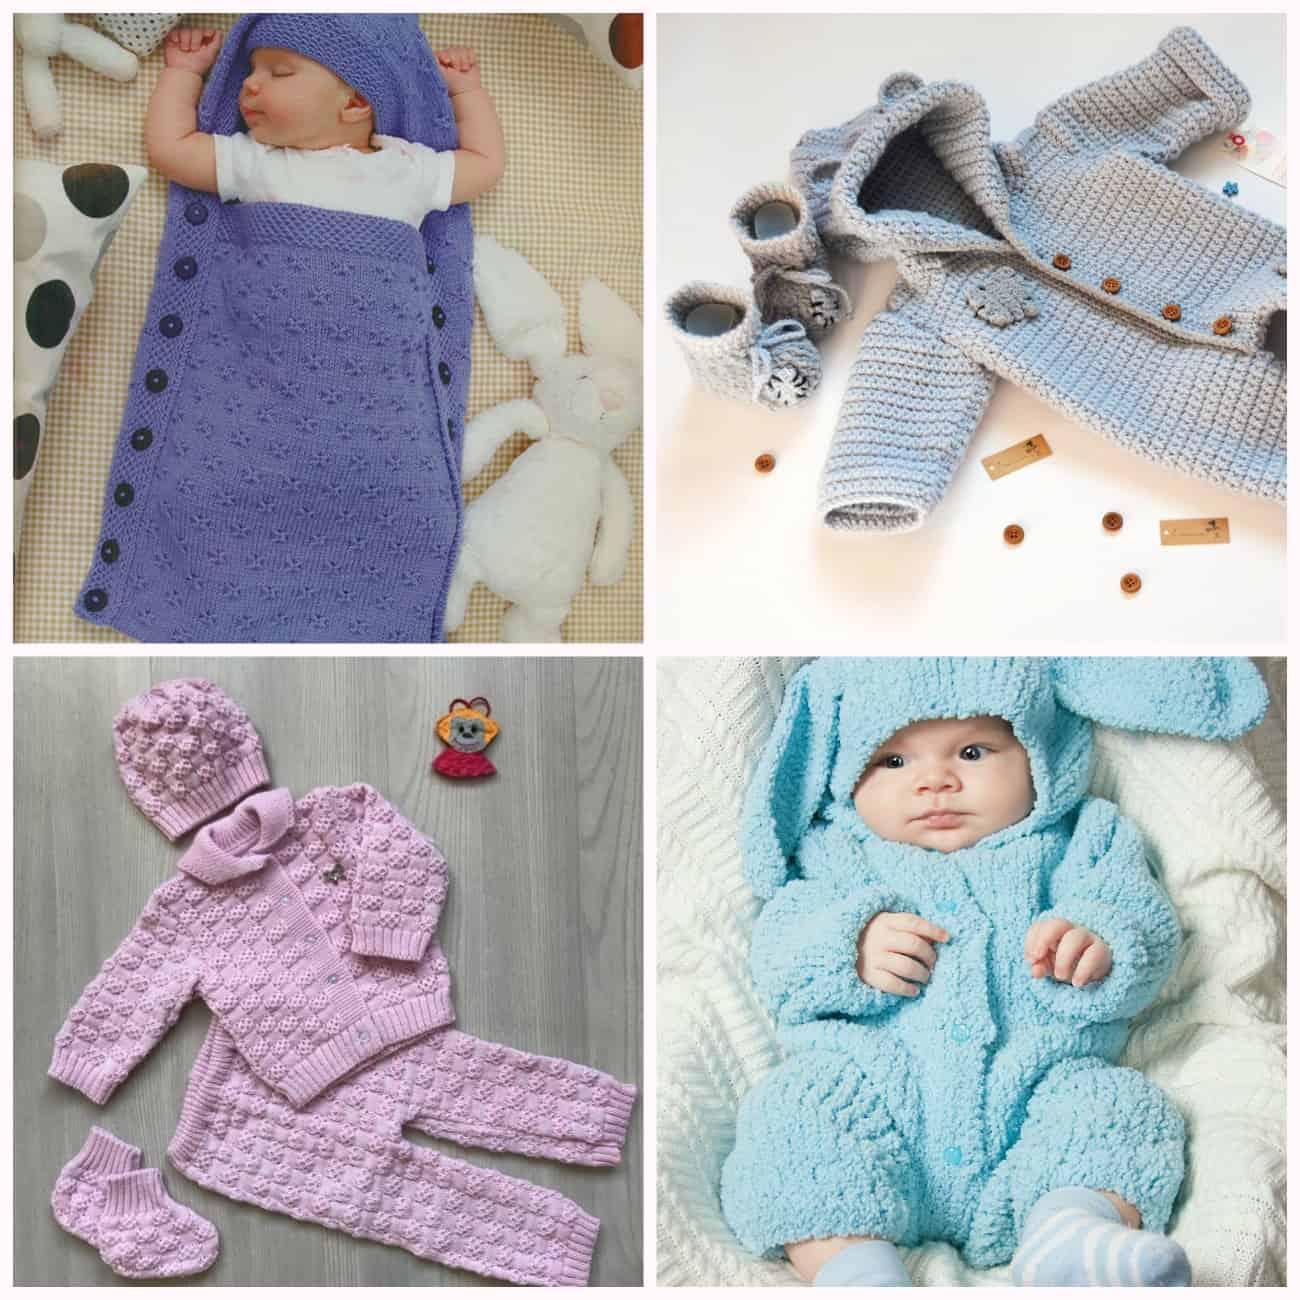 купить вязаную одежду для новорожденных